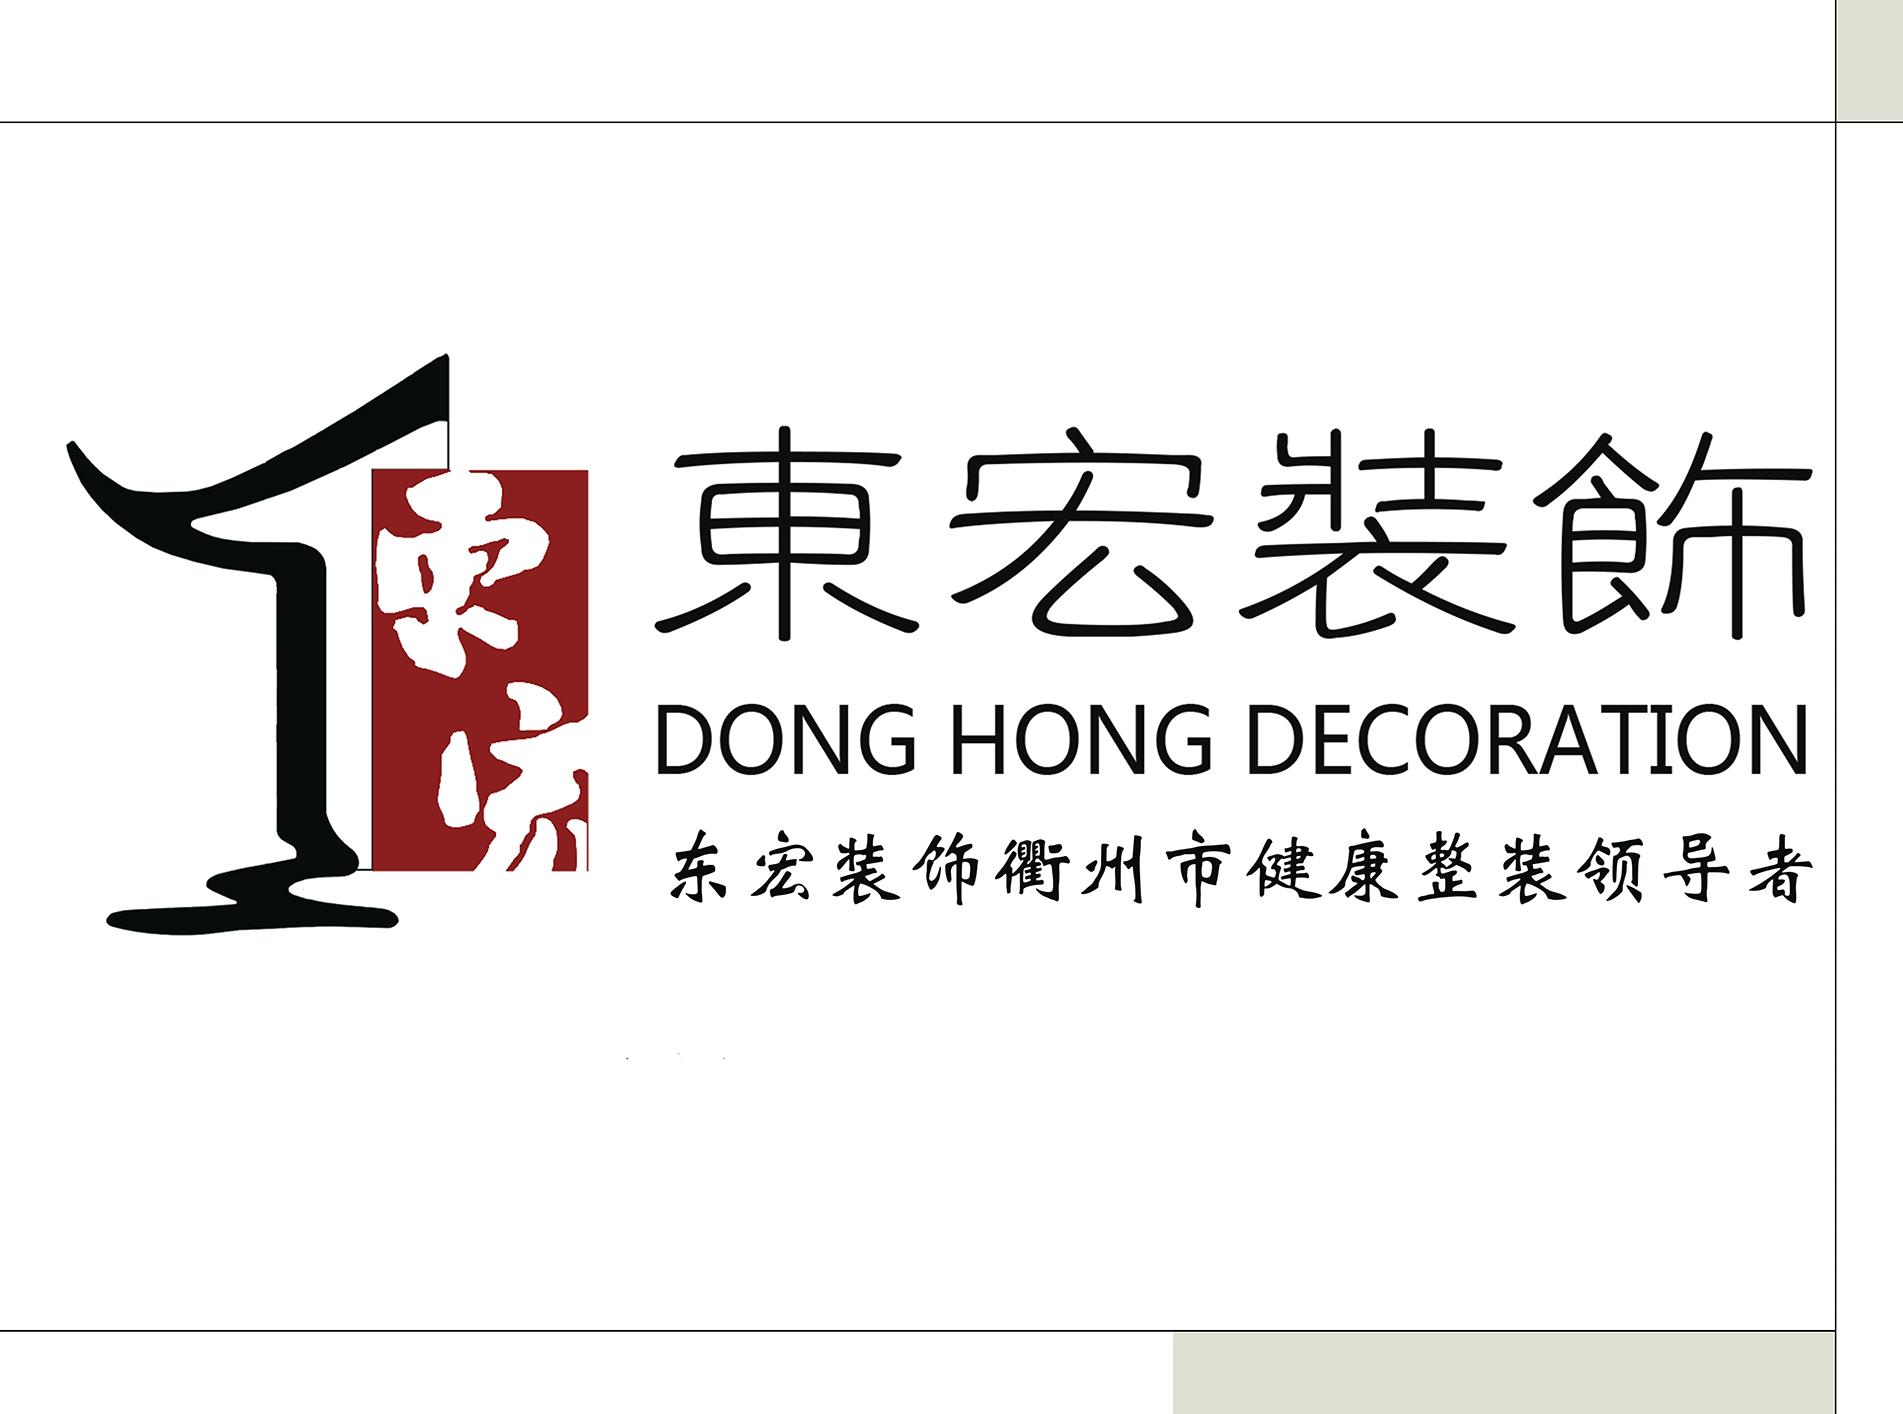 衢州东宏装饰工程有限公司